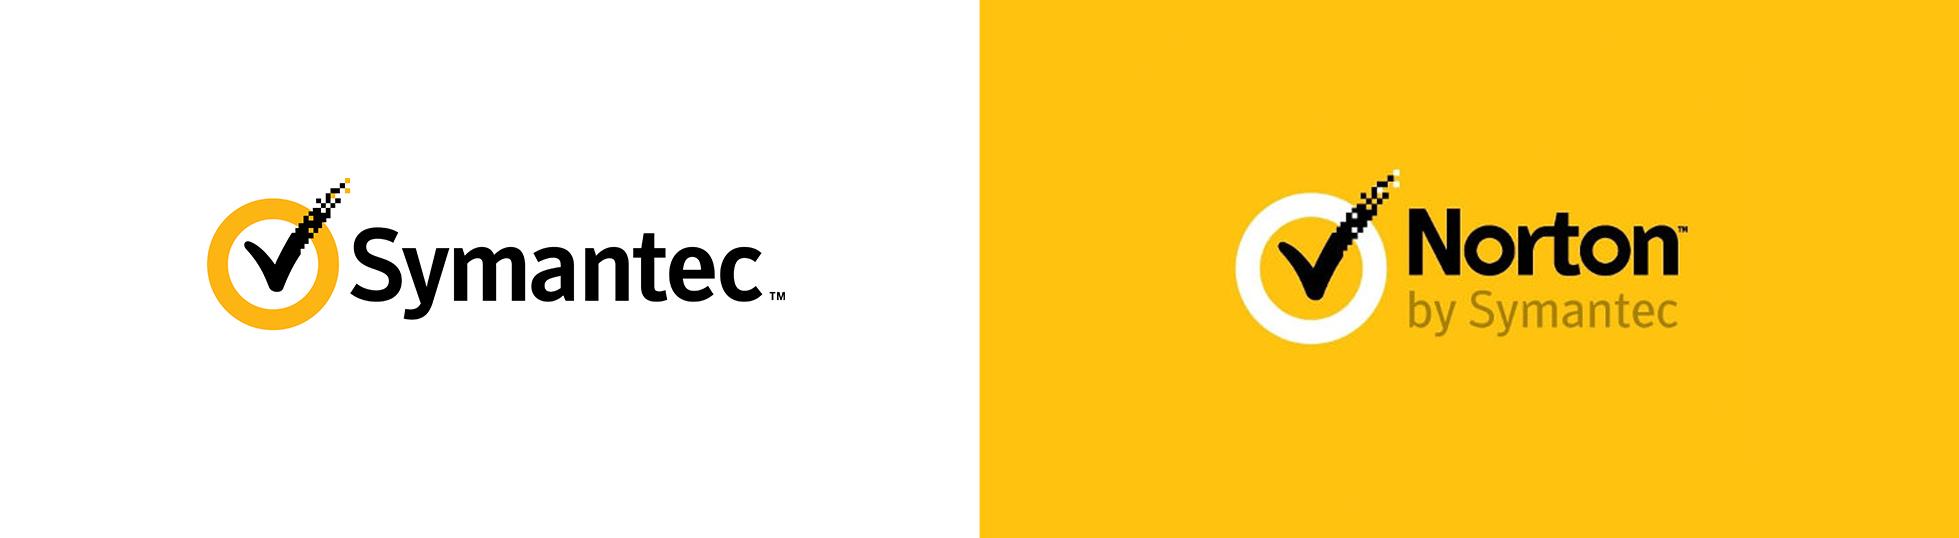 Symantec Brand & Acquisition Logo and Norton by Symantec logo.